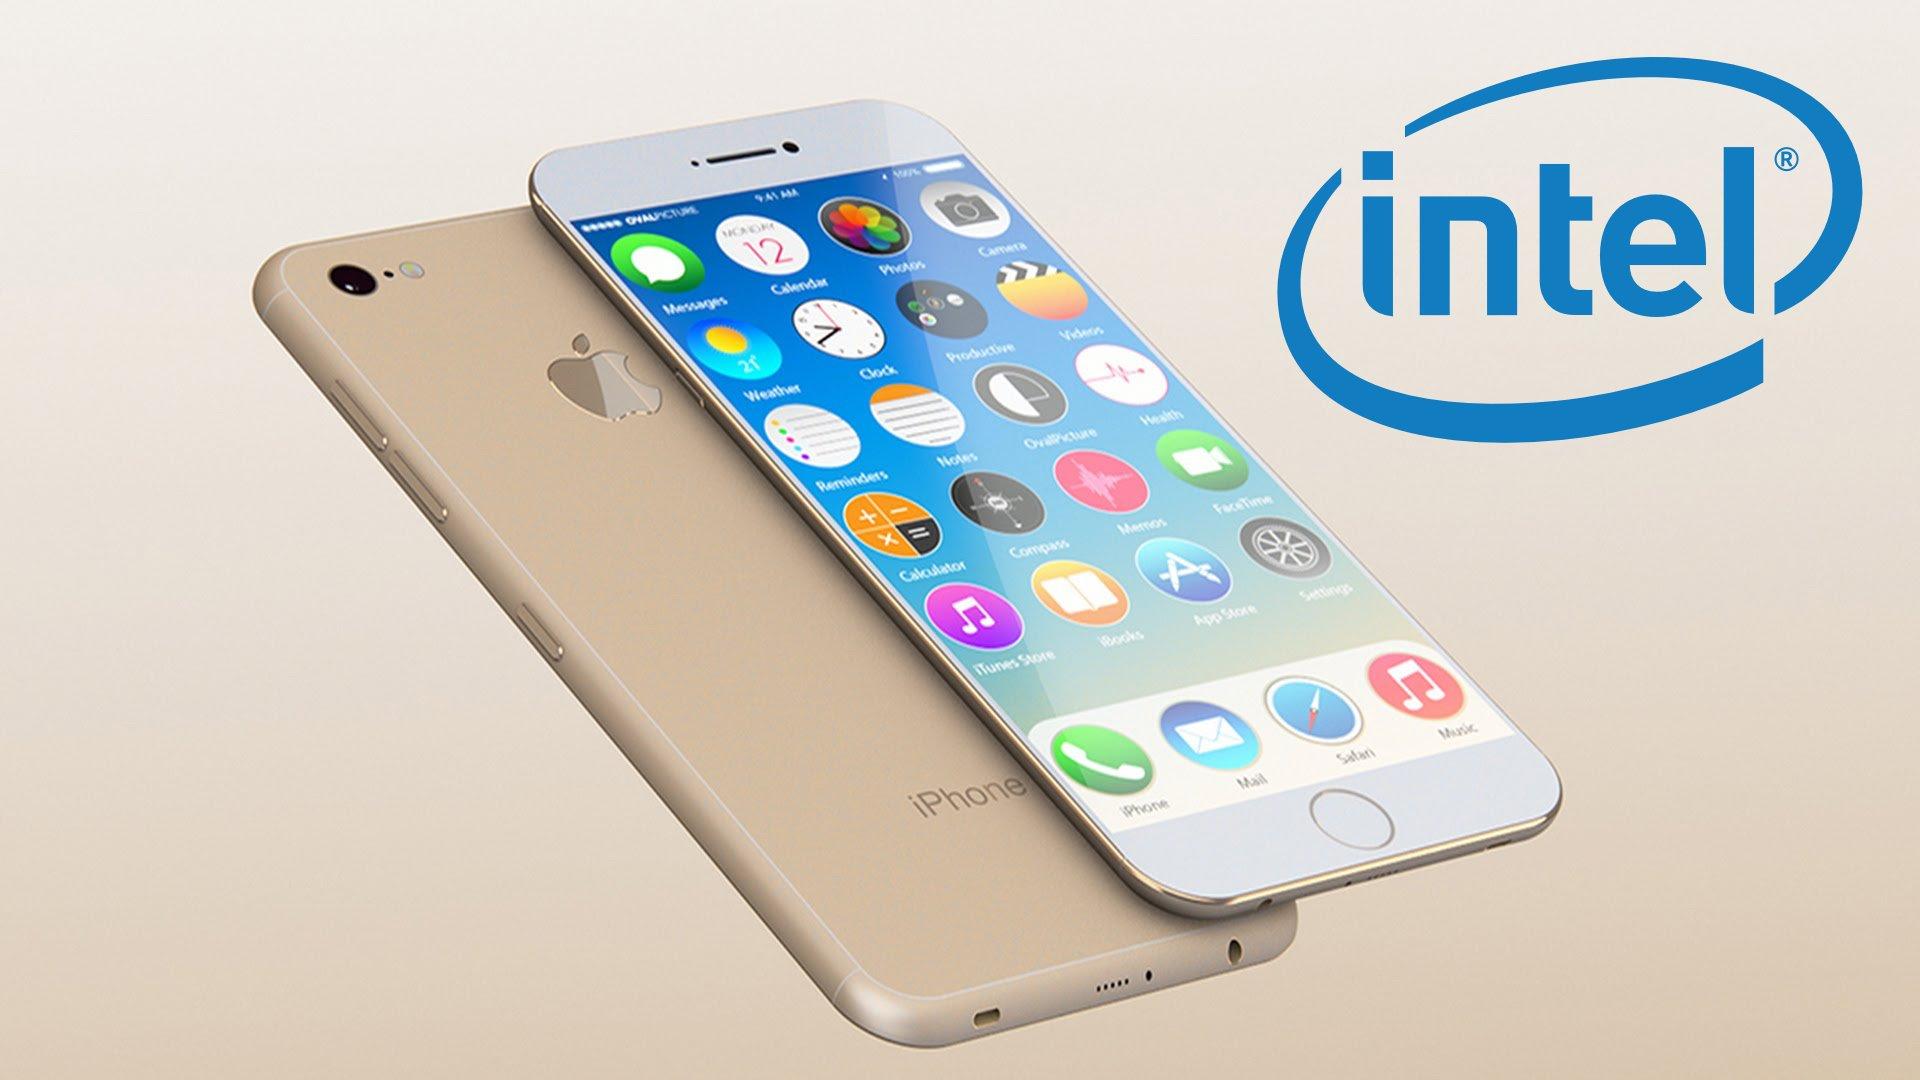 iphone7 la fourniture des 50 pourcent des puces reseau serait confiee a intel - iPhone de 2018 : Intel pourrait produire le processeur A12 d